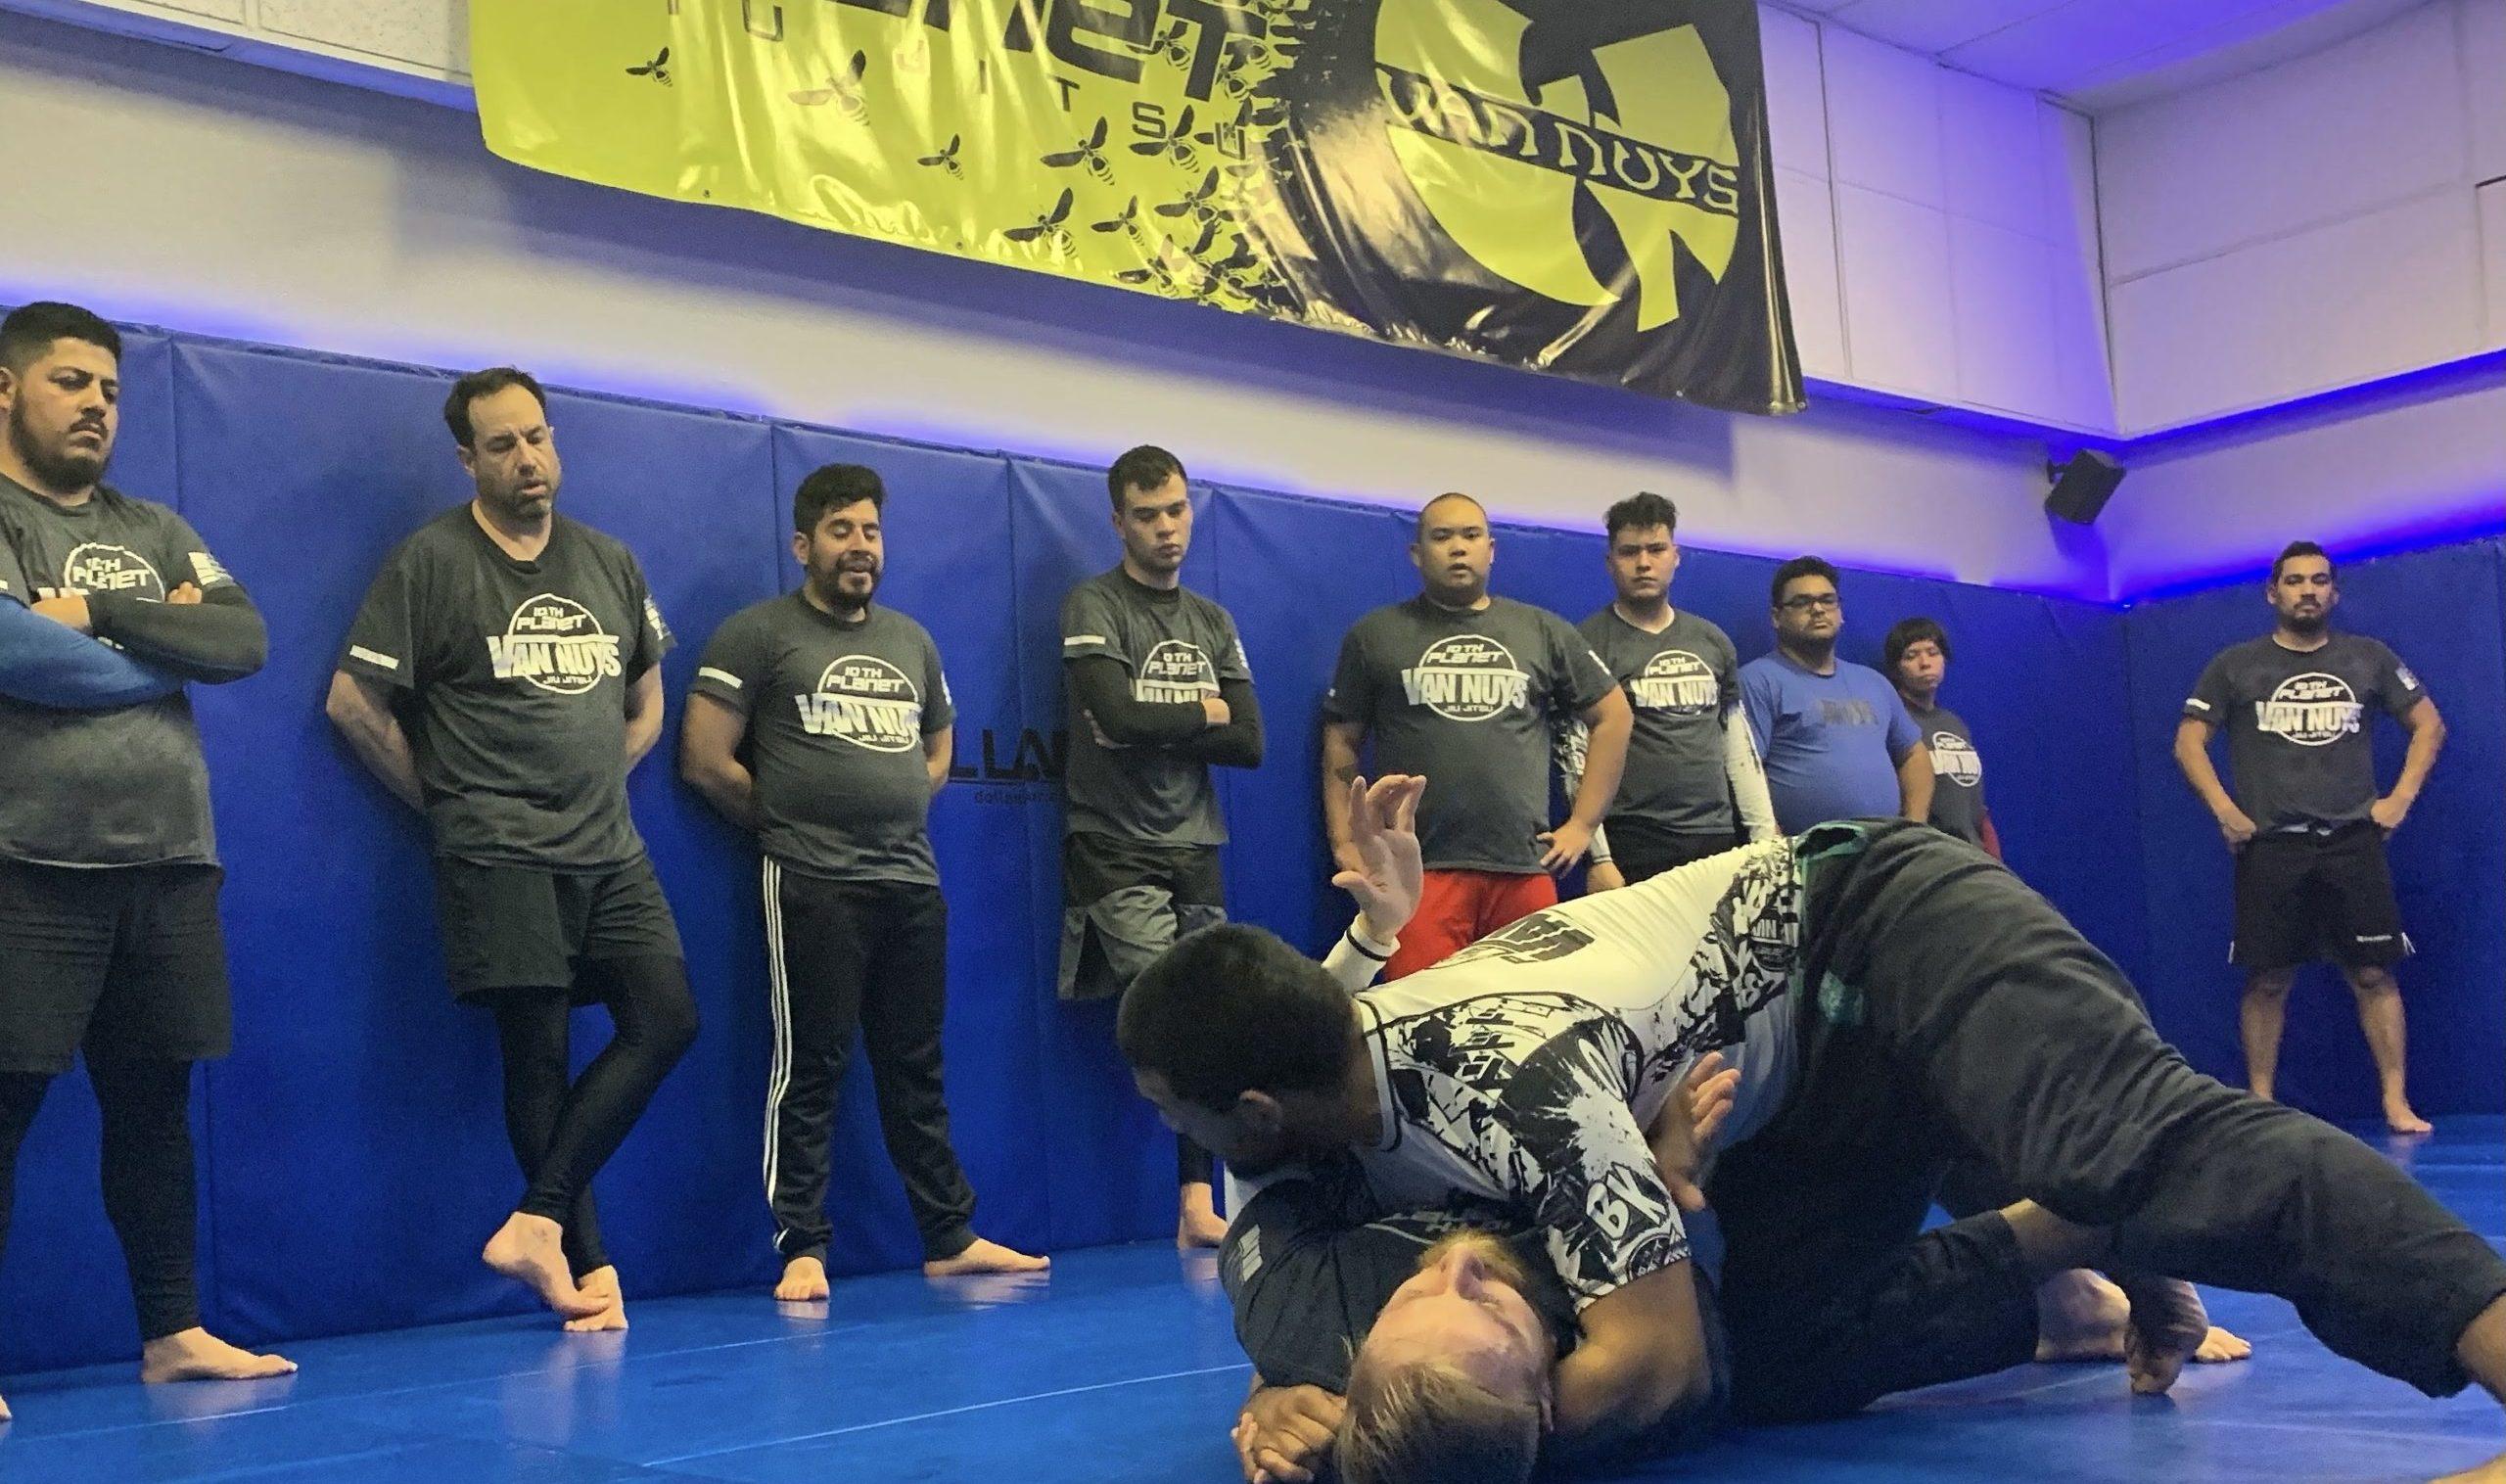 beginner jiu jitsu, sherman oaks jiu jitsu